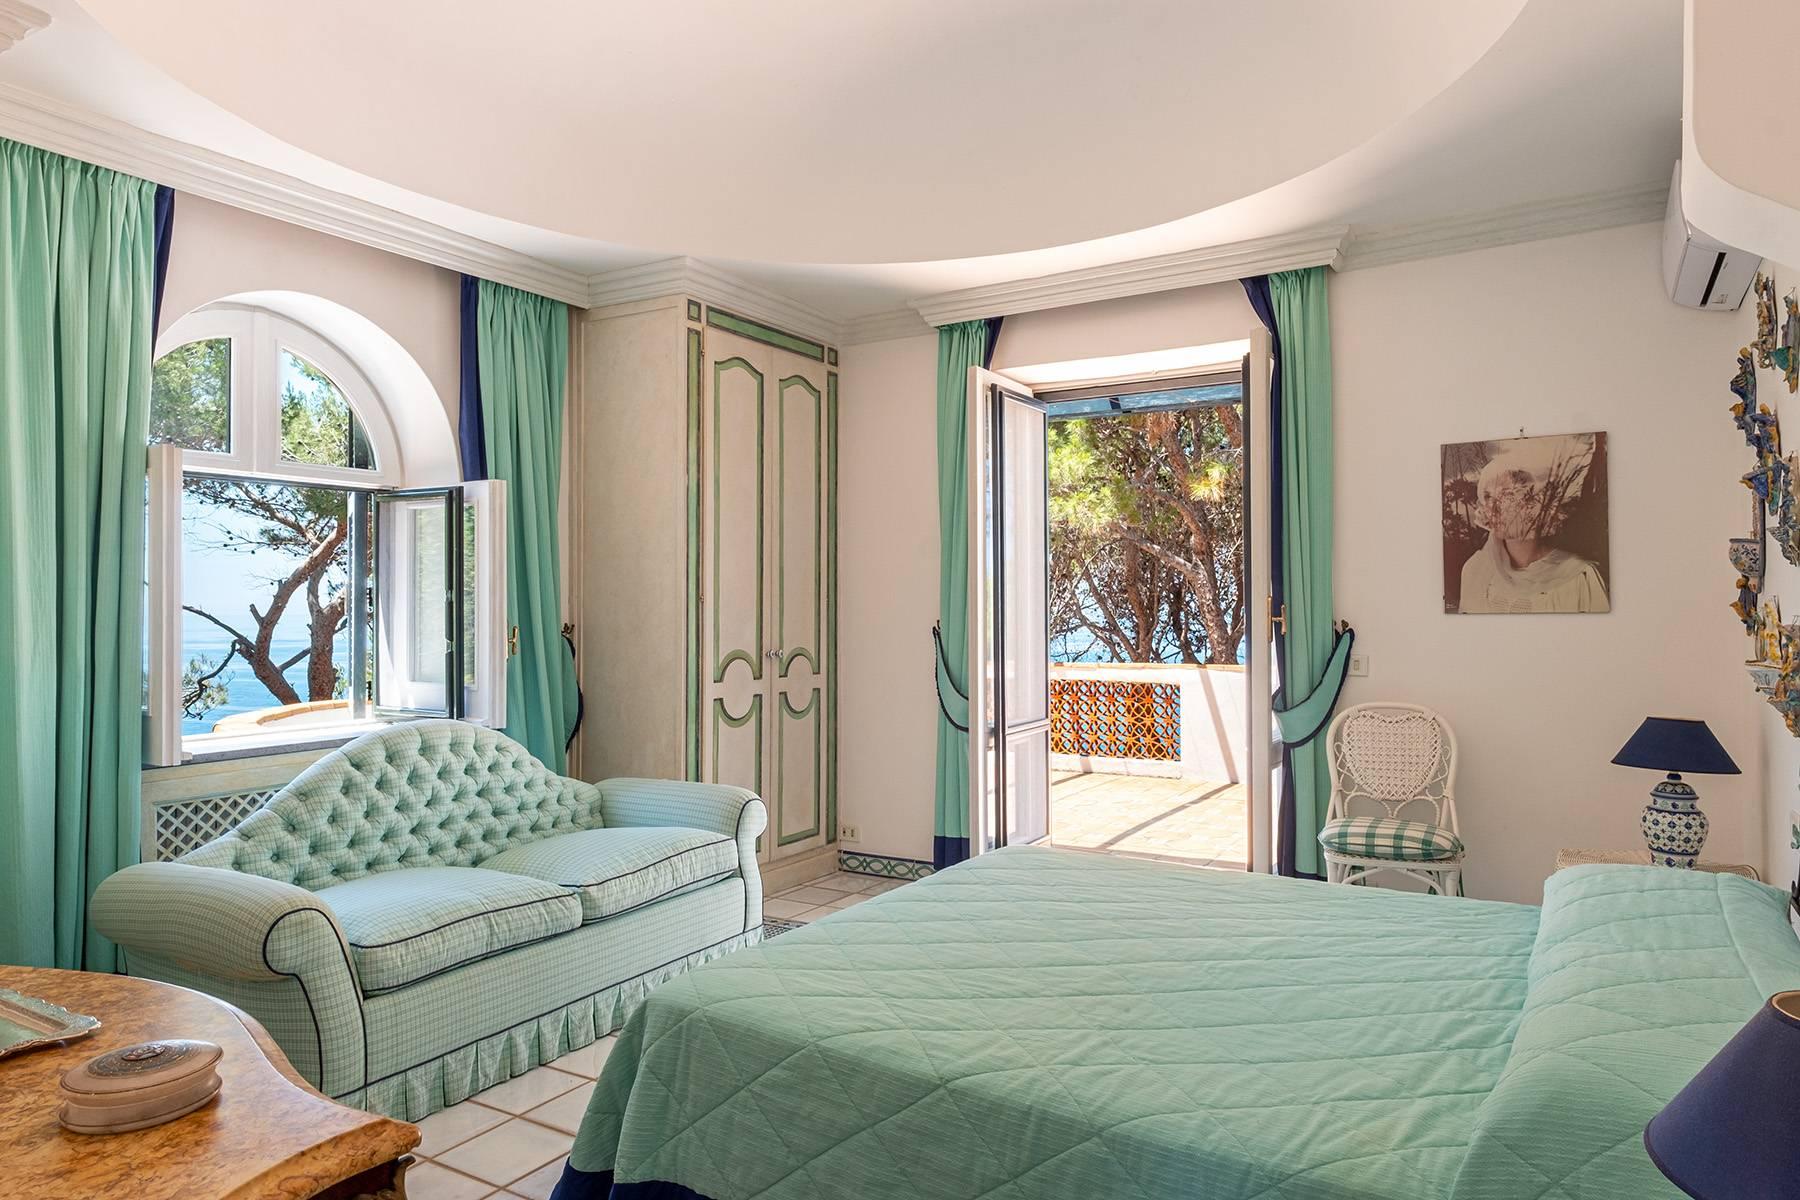 Villa in Vendita a Anacapri: 5 locali, 160 mq - Foto 12